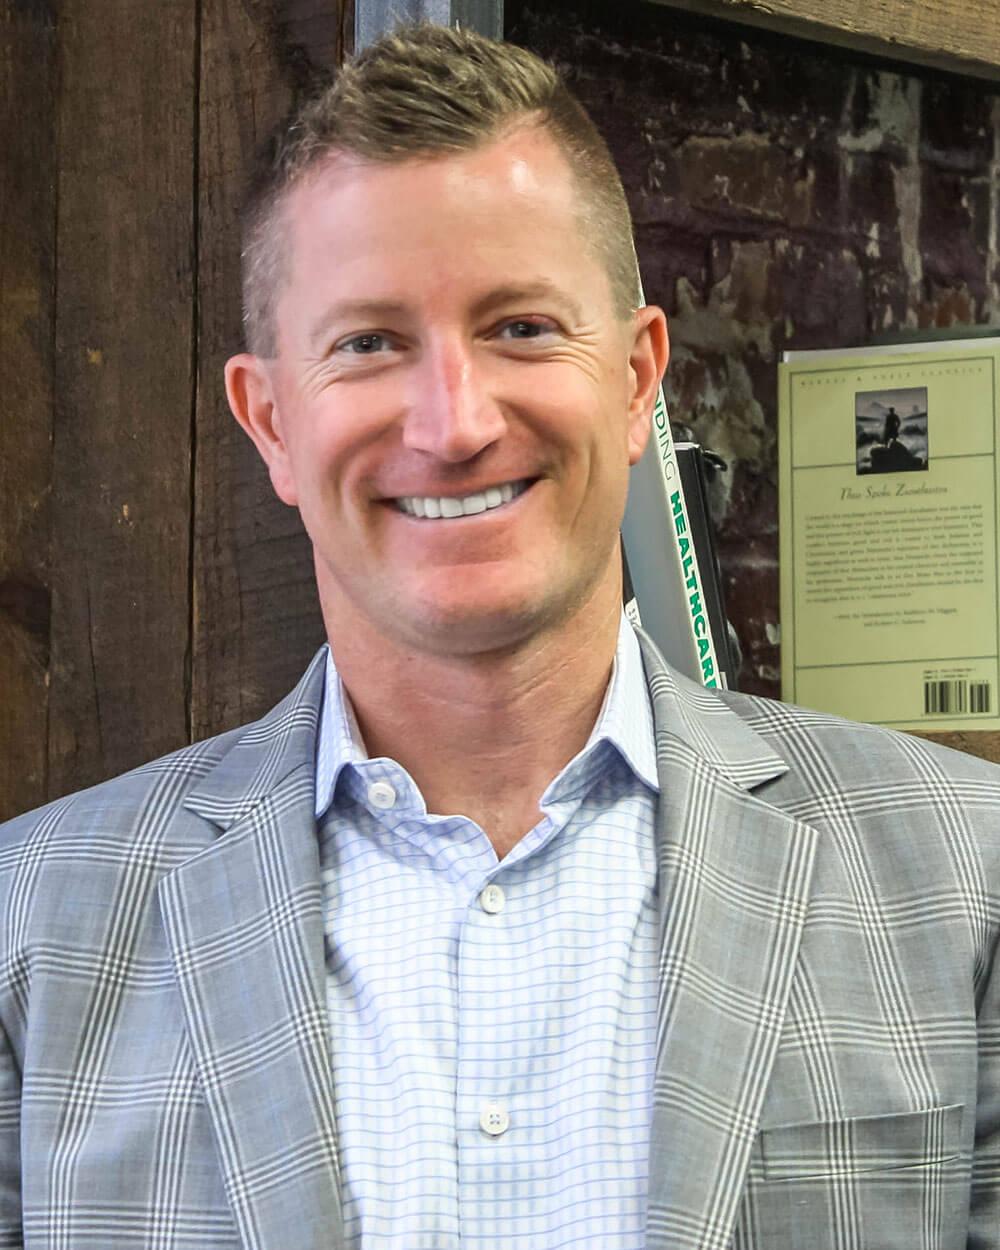 Chris Steer